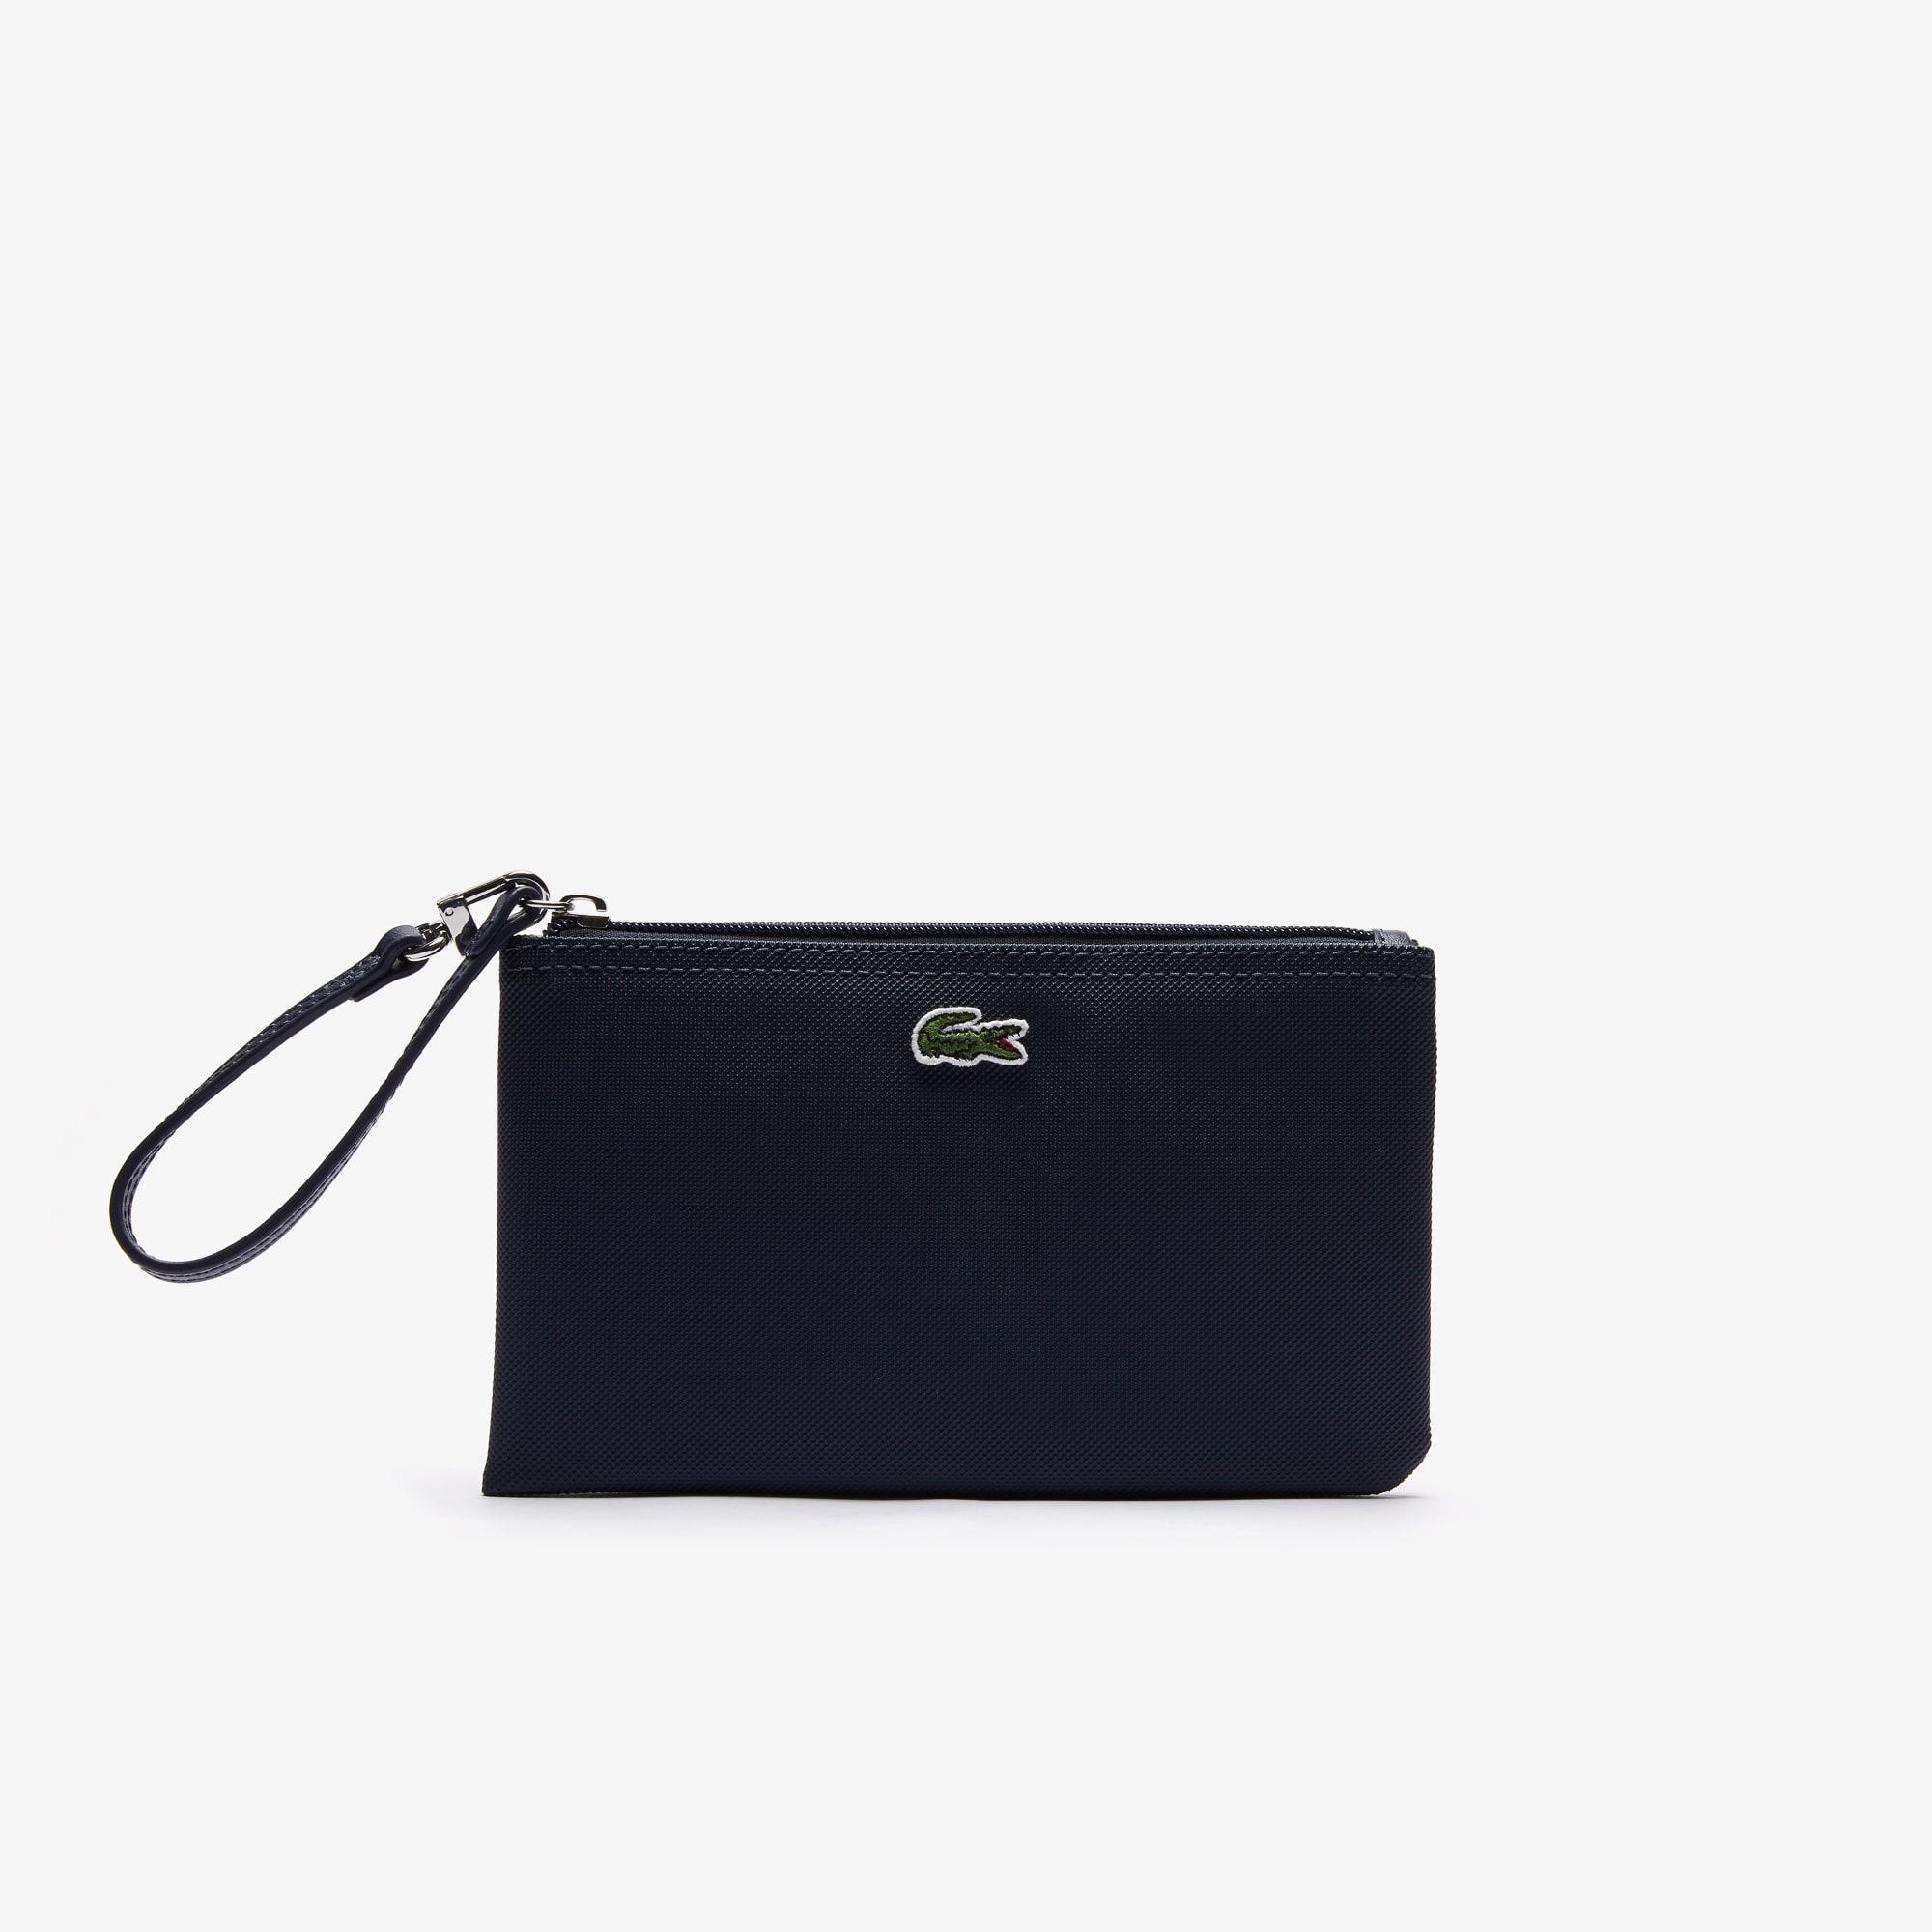 라코스테 L.12.12 지퍼 클러치백 - 2 컬러 Lacoste Women's L.12.12 Concept Zip Clutch Bag